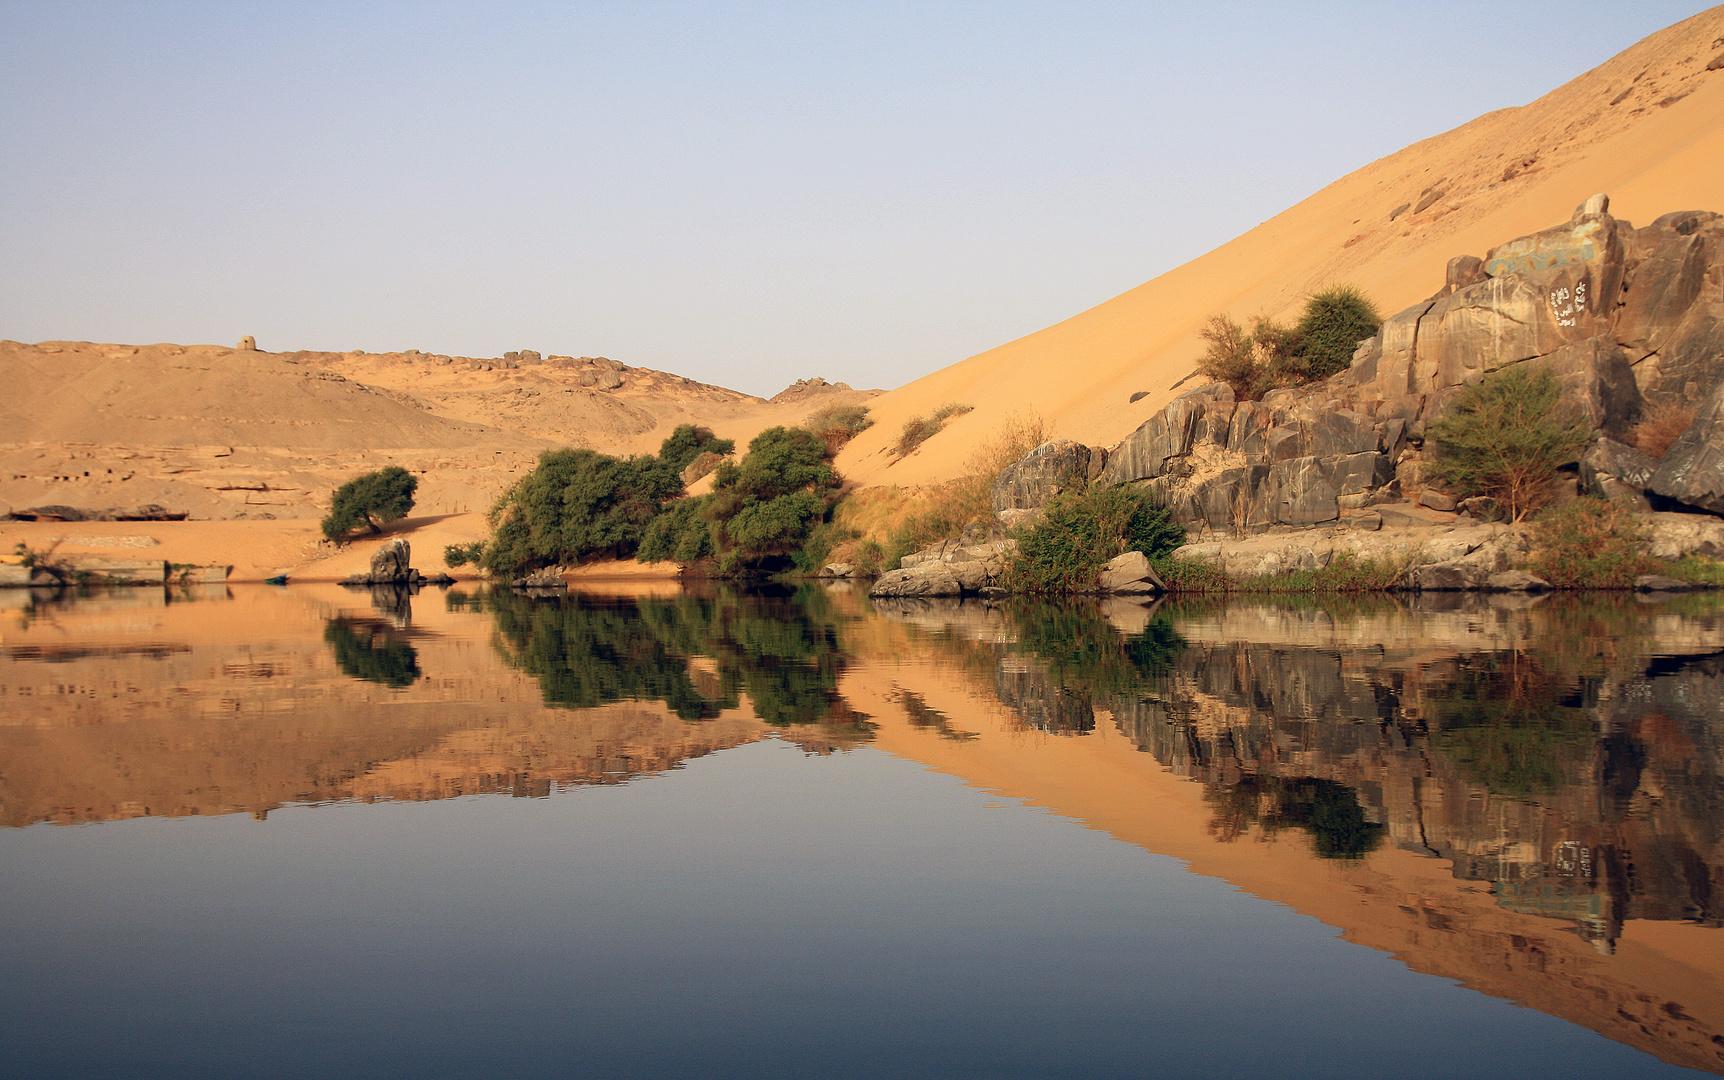 Eine Spiegelung auf dem Weg in ein nubisches Dorf